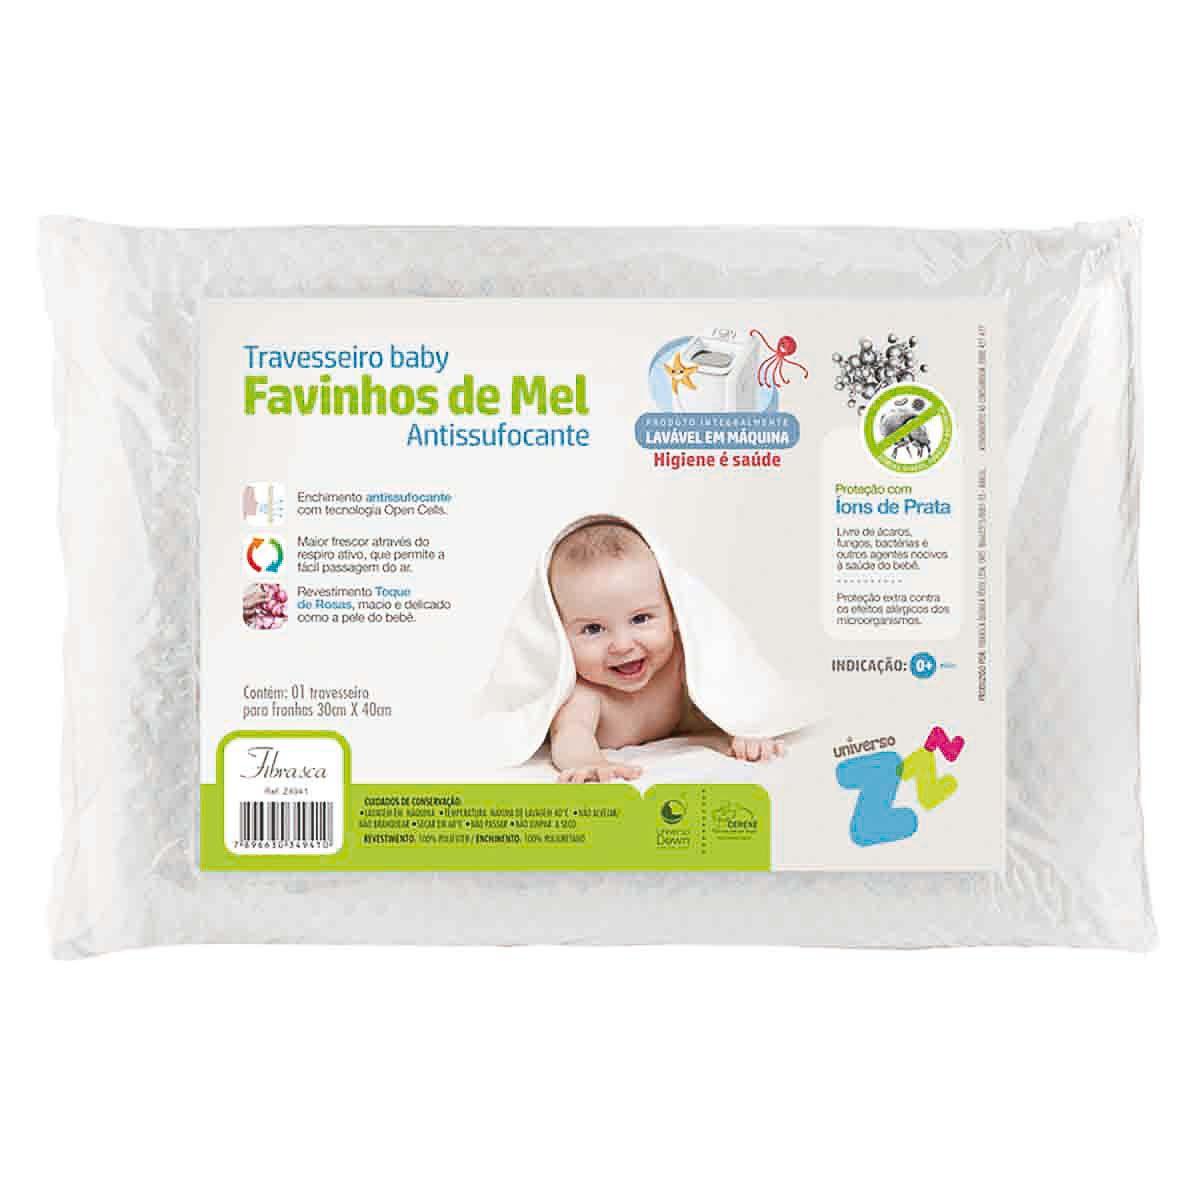 Travesseiro Favinhos de Mel Antissufocante Baby 6m+ - Fibrasca